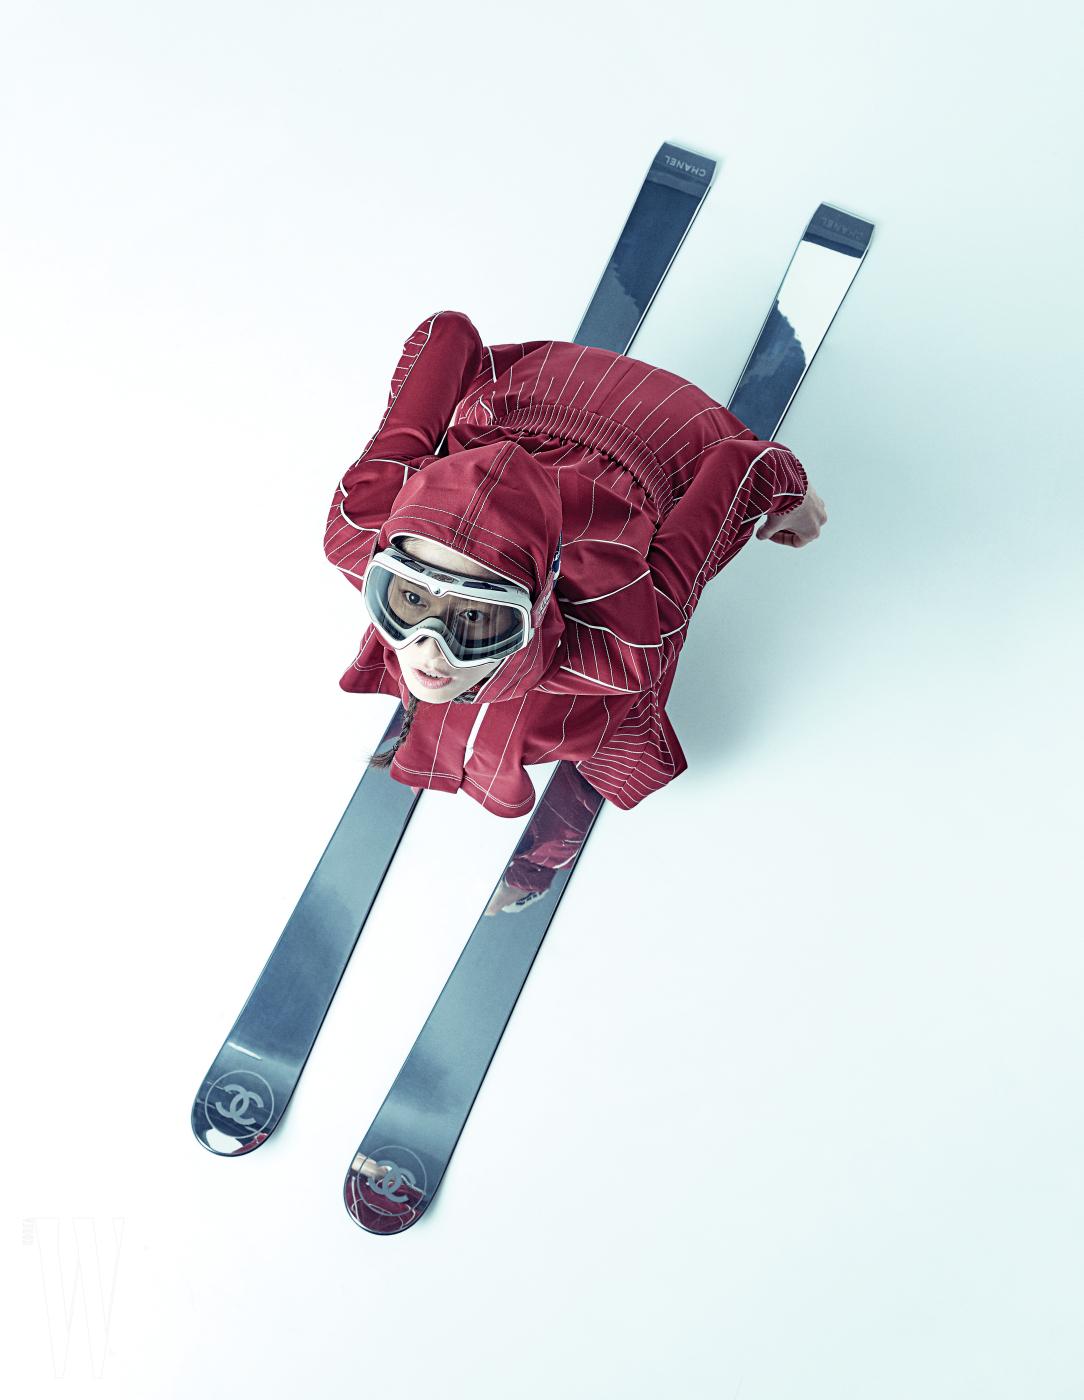 트레이닝 스타일의 원피스는 발렌티노 제품, 4 백56만원. 장식용 스키는 샤넬 제품, 가격 미정. 고글은 에디터 소장품.